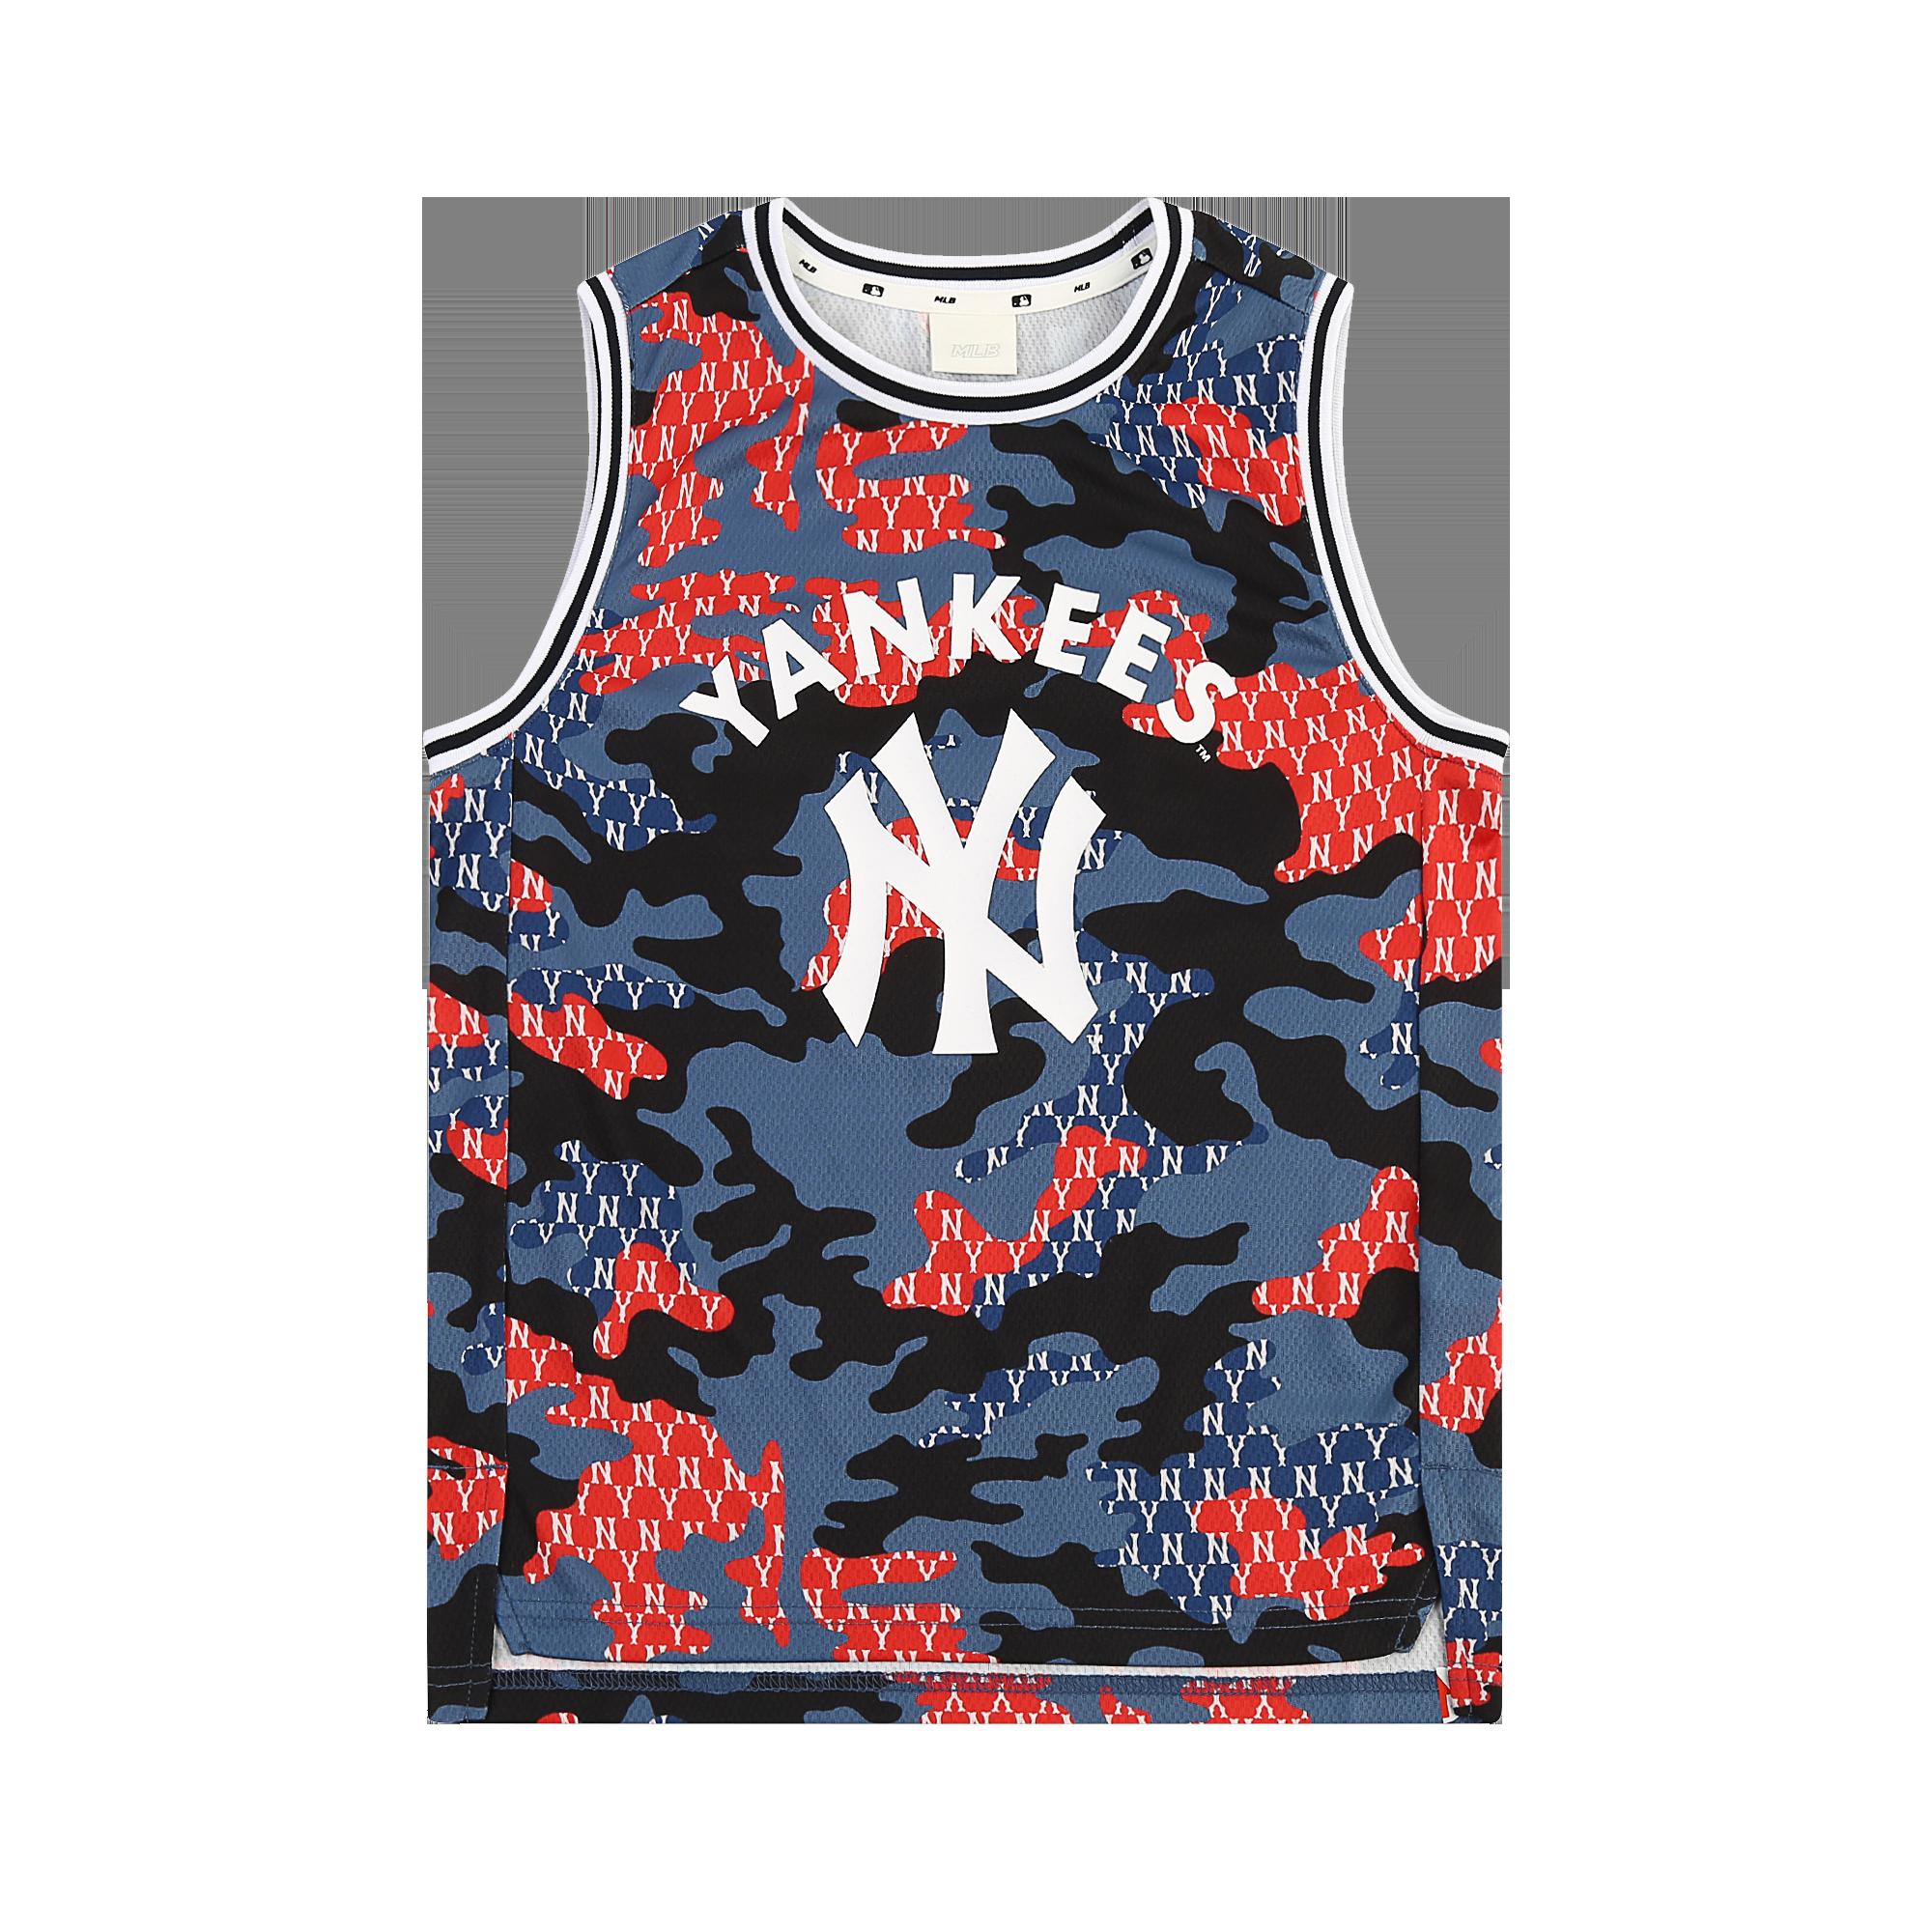 까뮤 모노그램 스트릿 티셔츠 뉴욕양키스